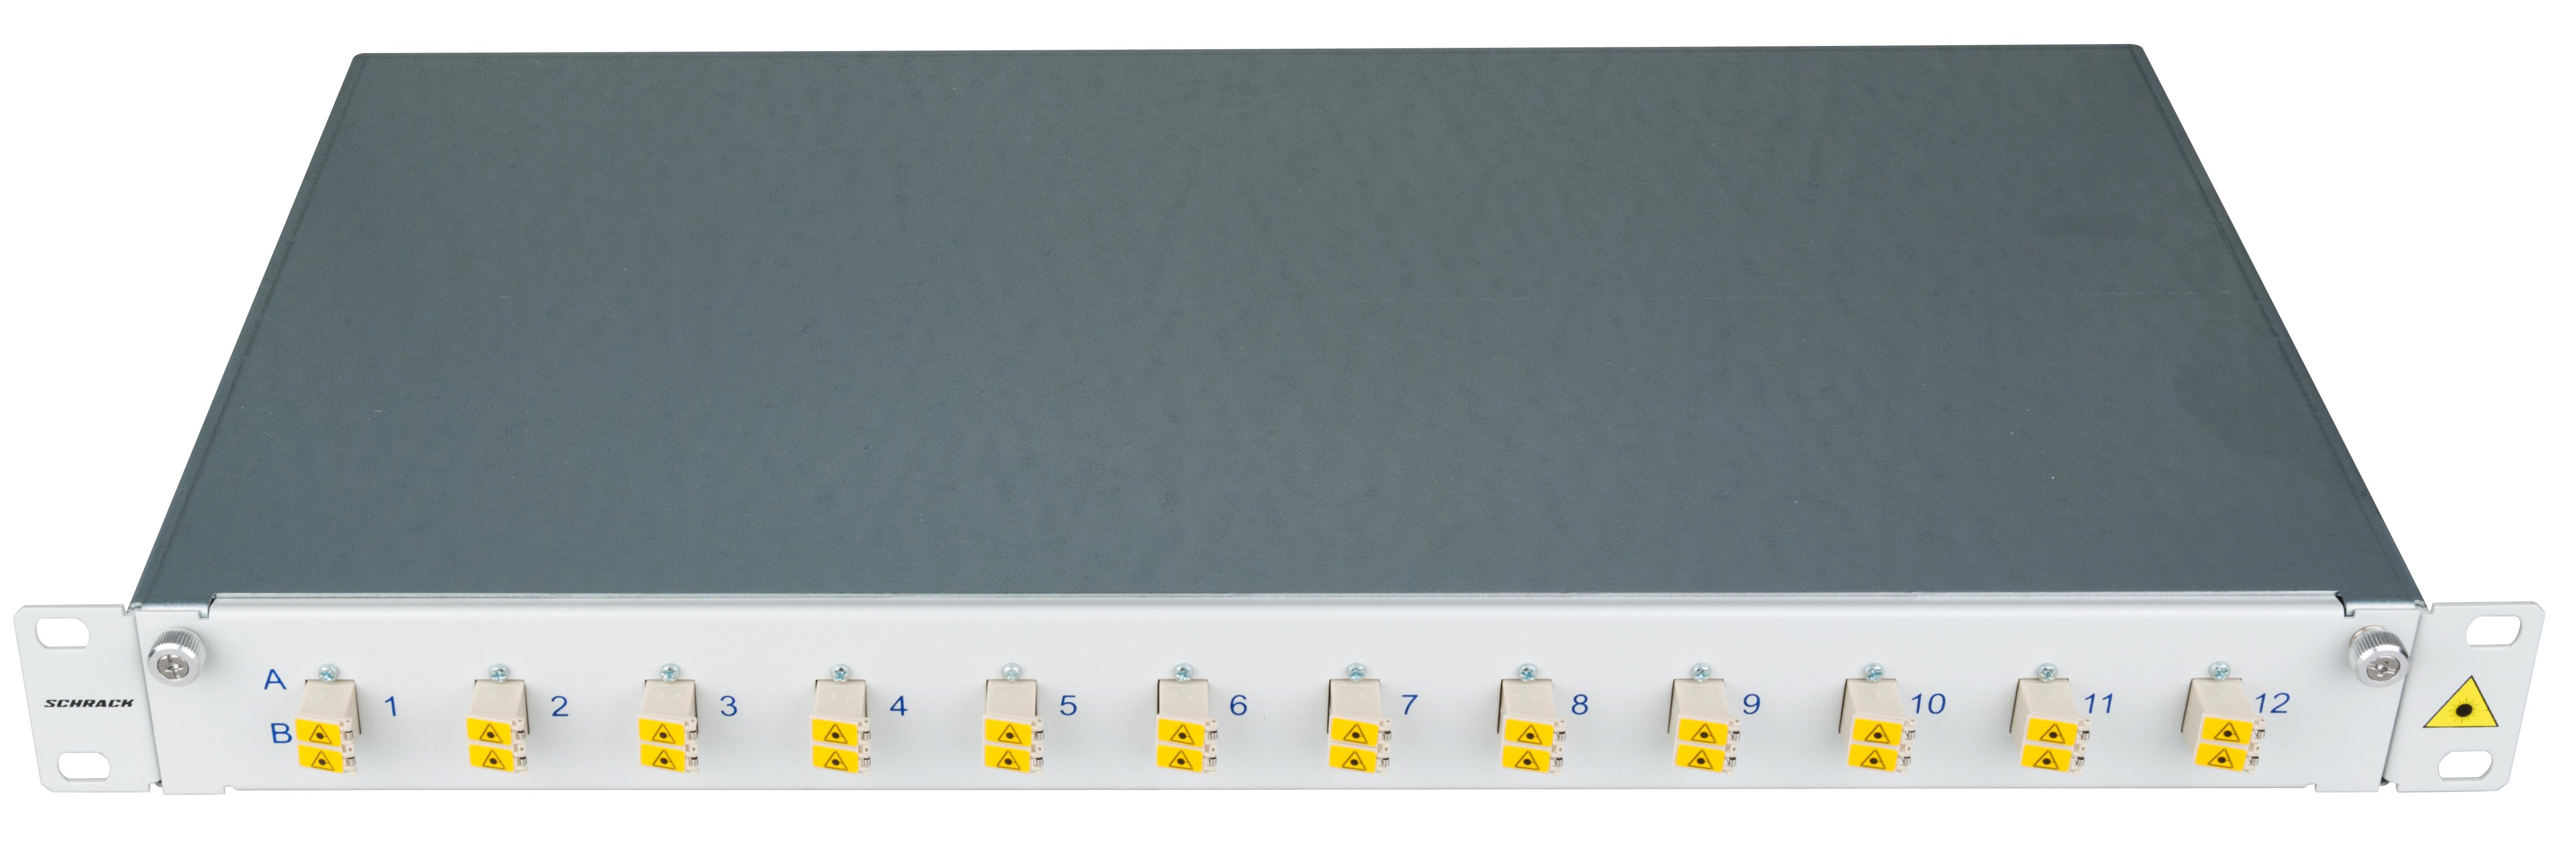 1 Stk LWL Patchpanel 19, 1 HE, ausziehbar, für 12 Fasern, LC, MM HSELS12MLG